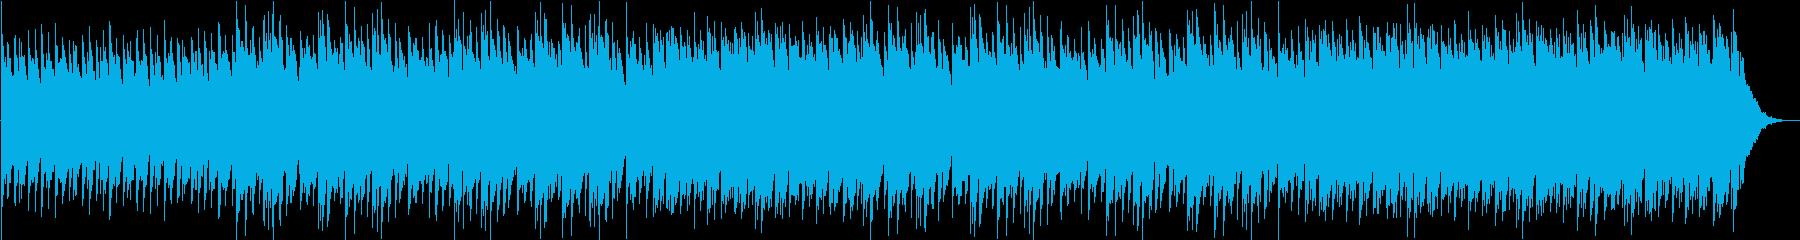 キラキラクリスタル美しい癒しBGMの再生済みの波形